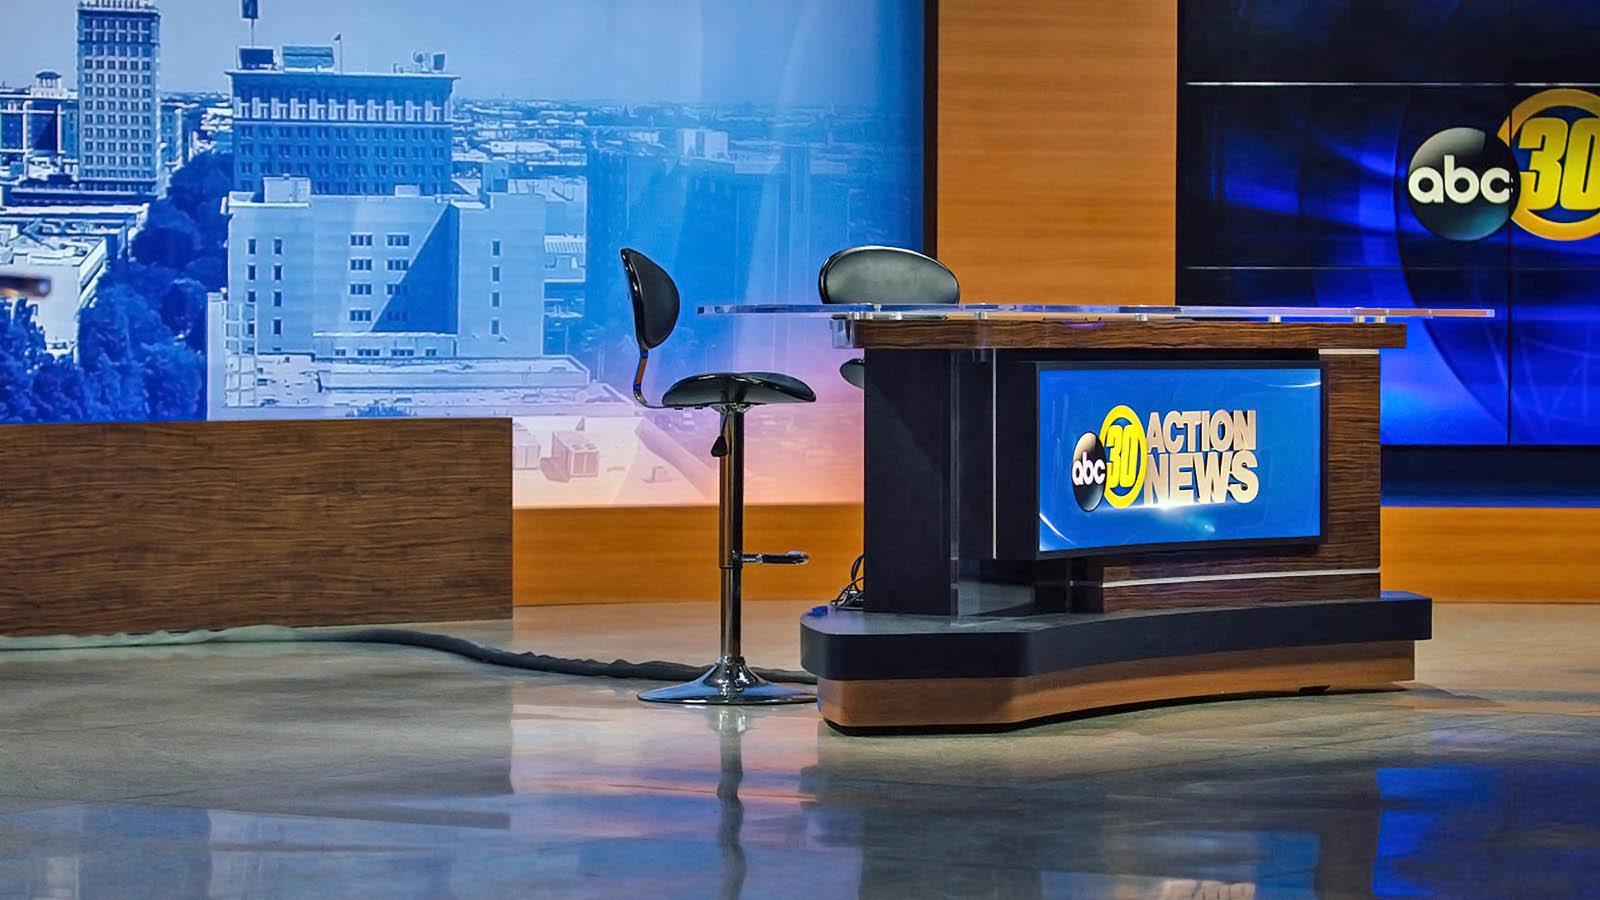 ABC 30 News Fresno studio